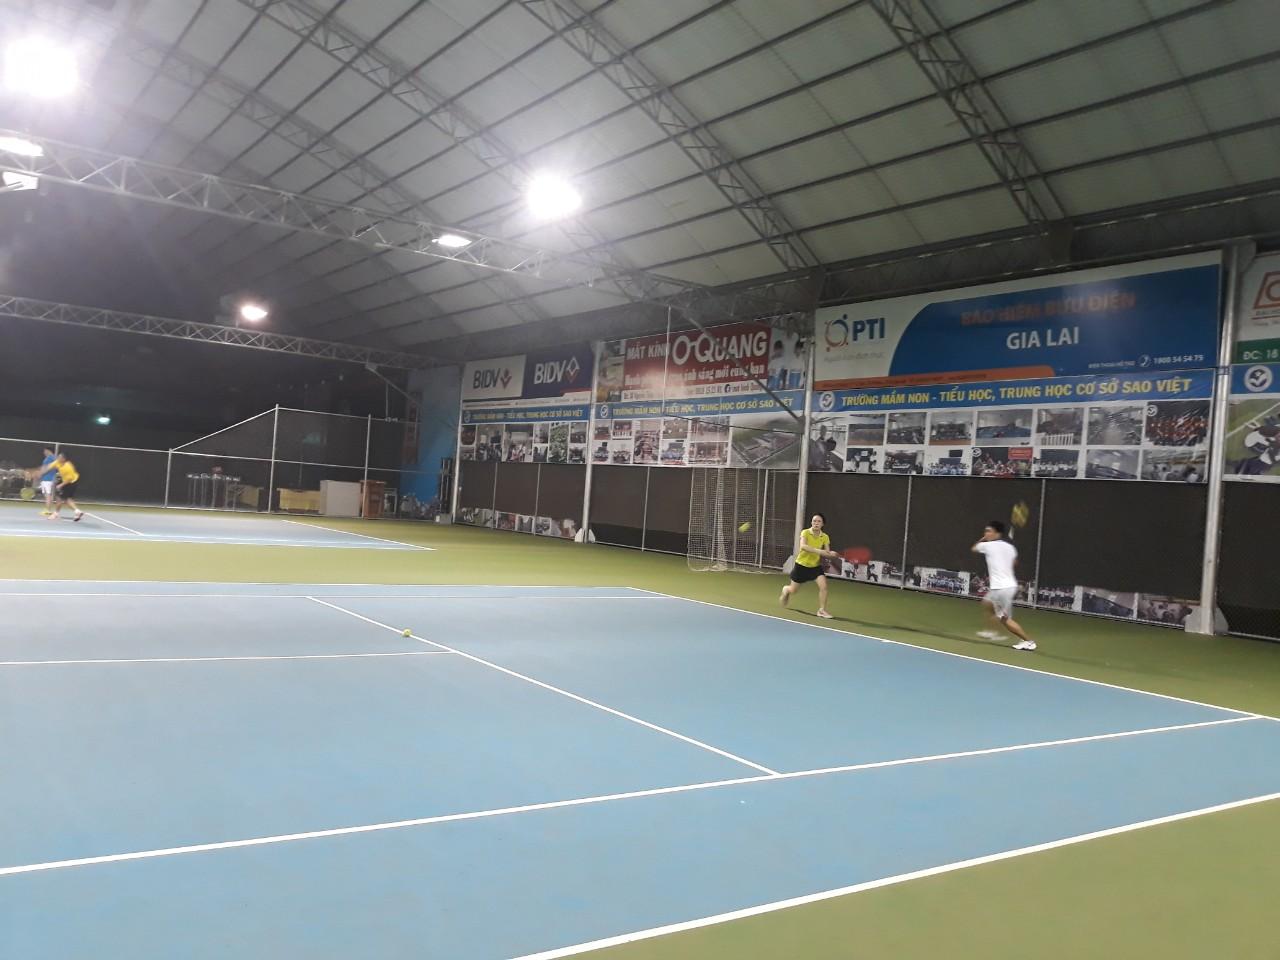 Tennis - môn thể thao bổ ích cho sức khỏe